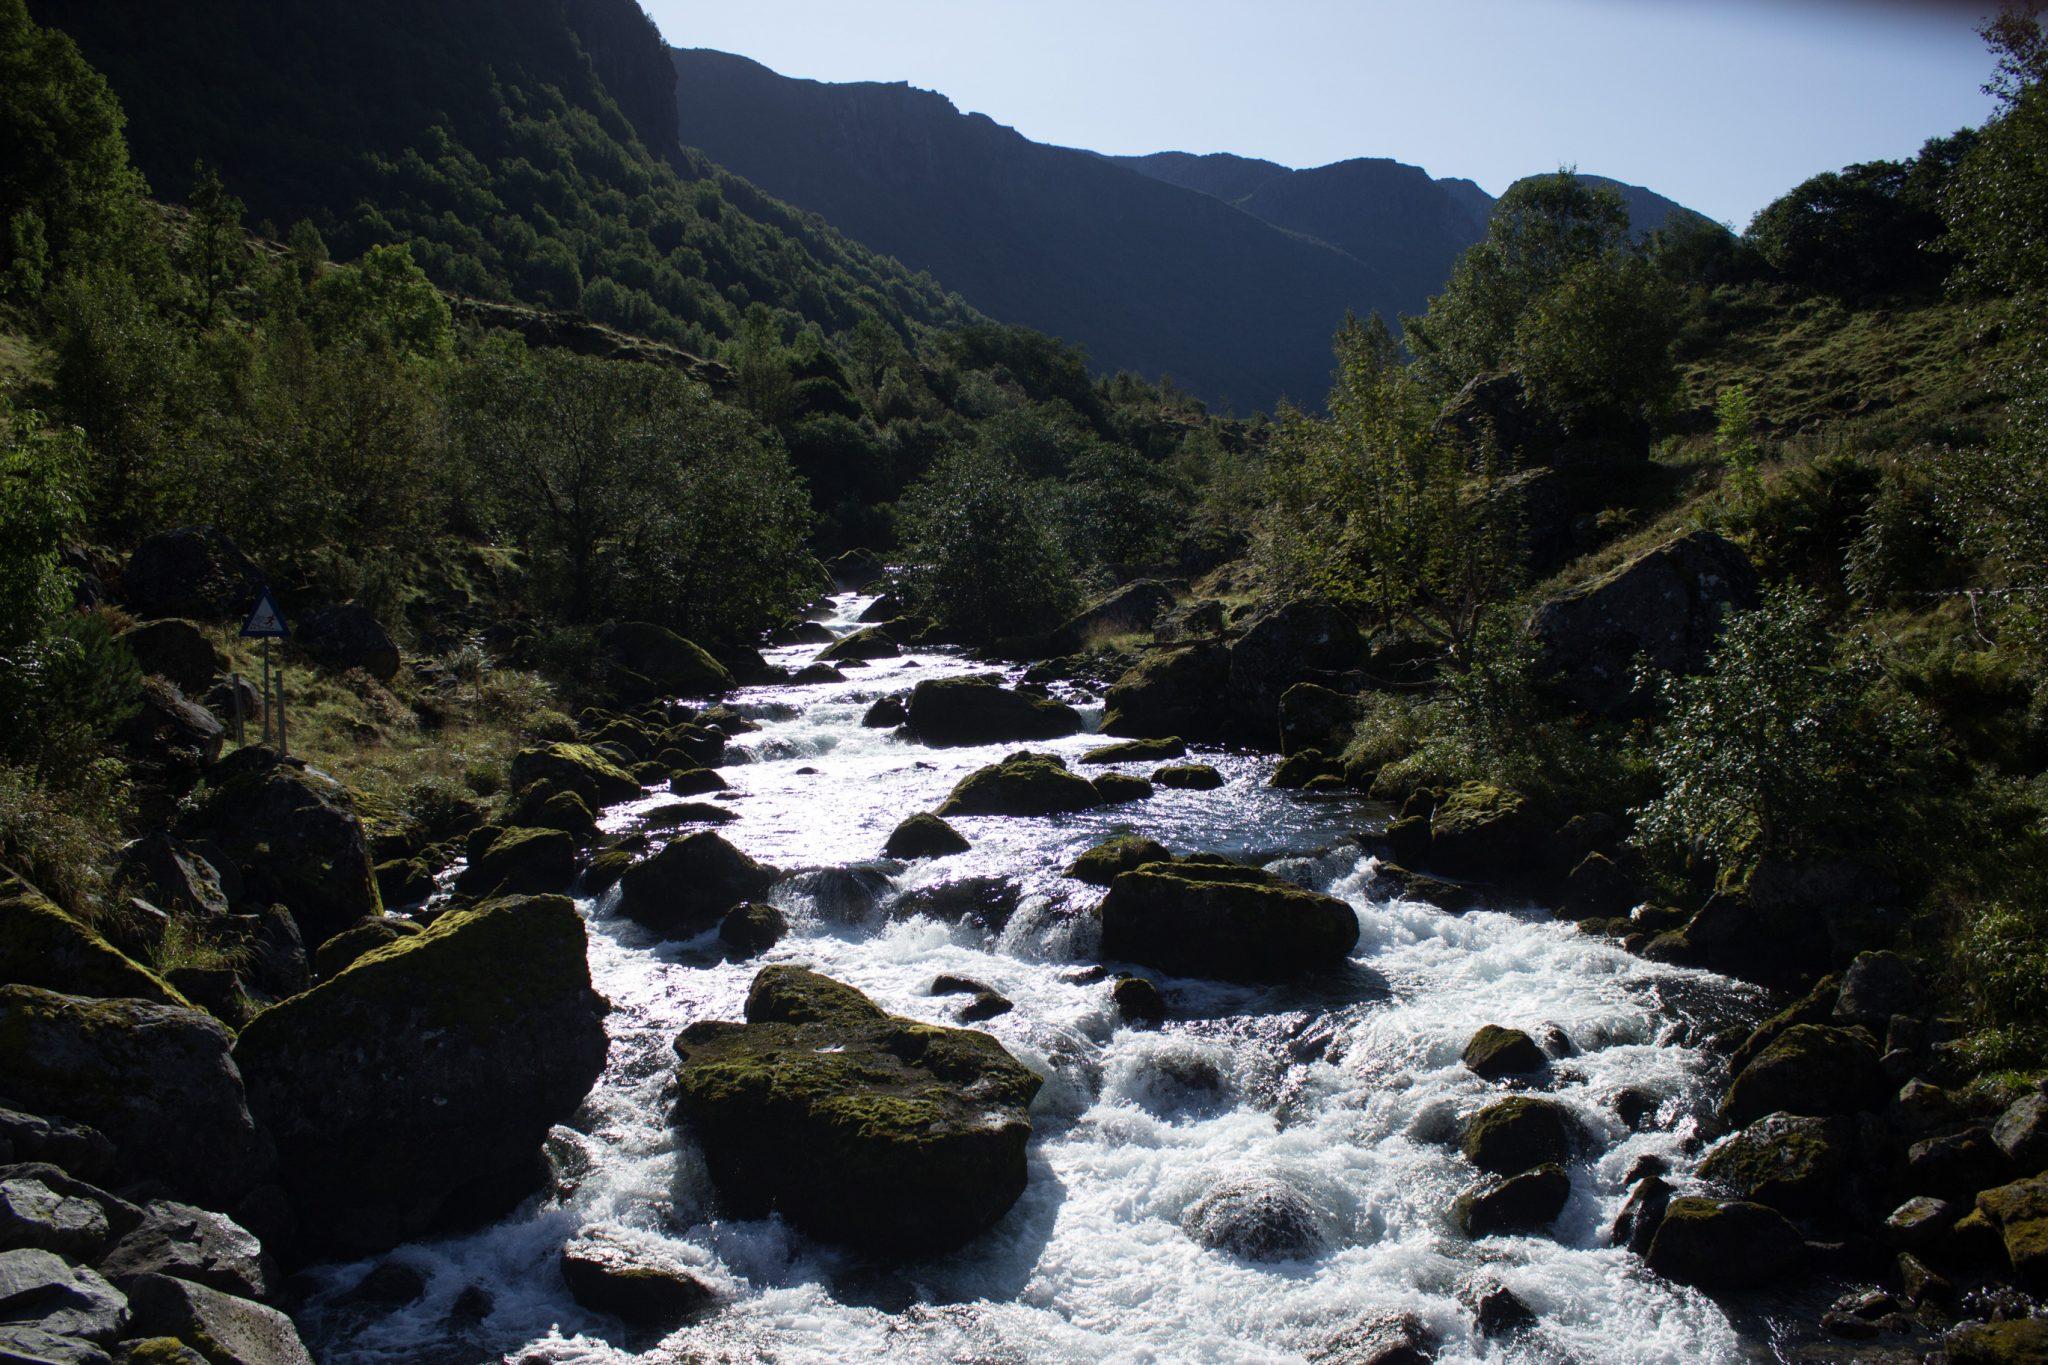 Wanderung vom Ort Sundal bis zum Gletscher Bondhusbreen im Folgefonna Nationalpark, traumhafte Bergkulisse und reißender Fluß, schöner Sommertag